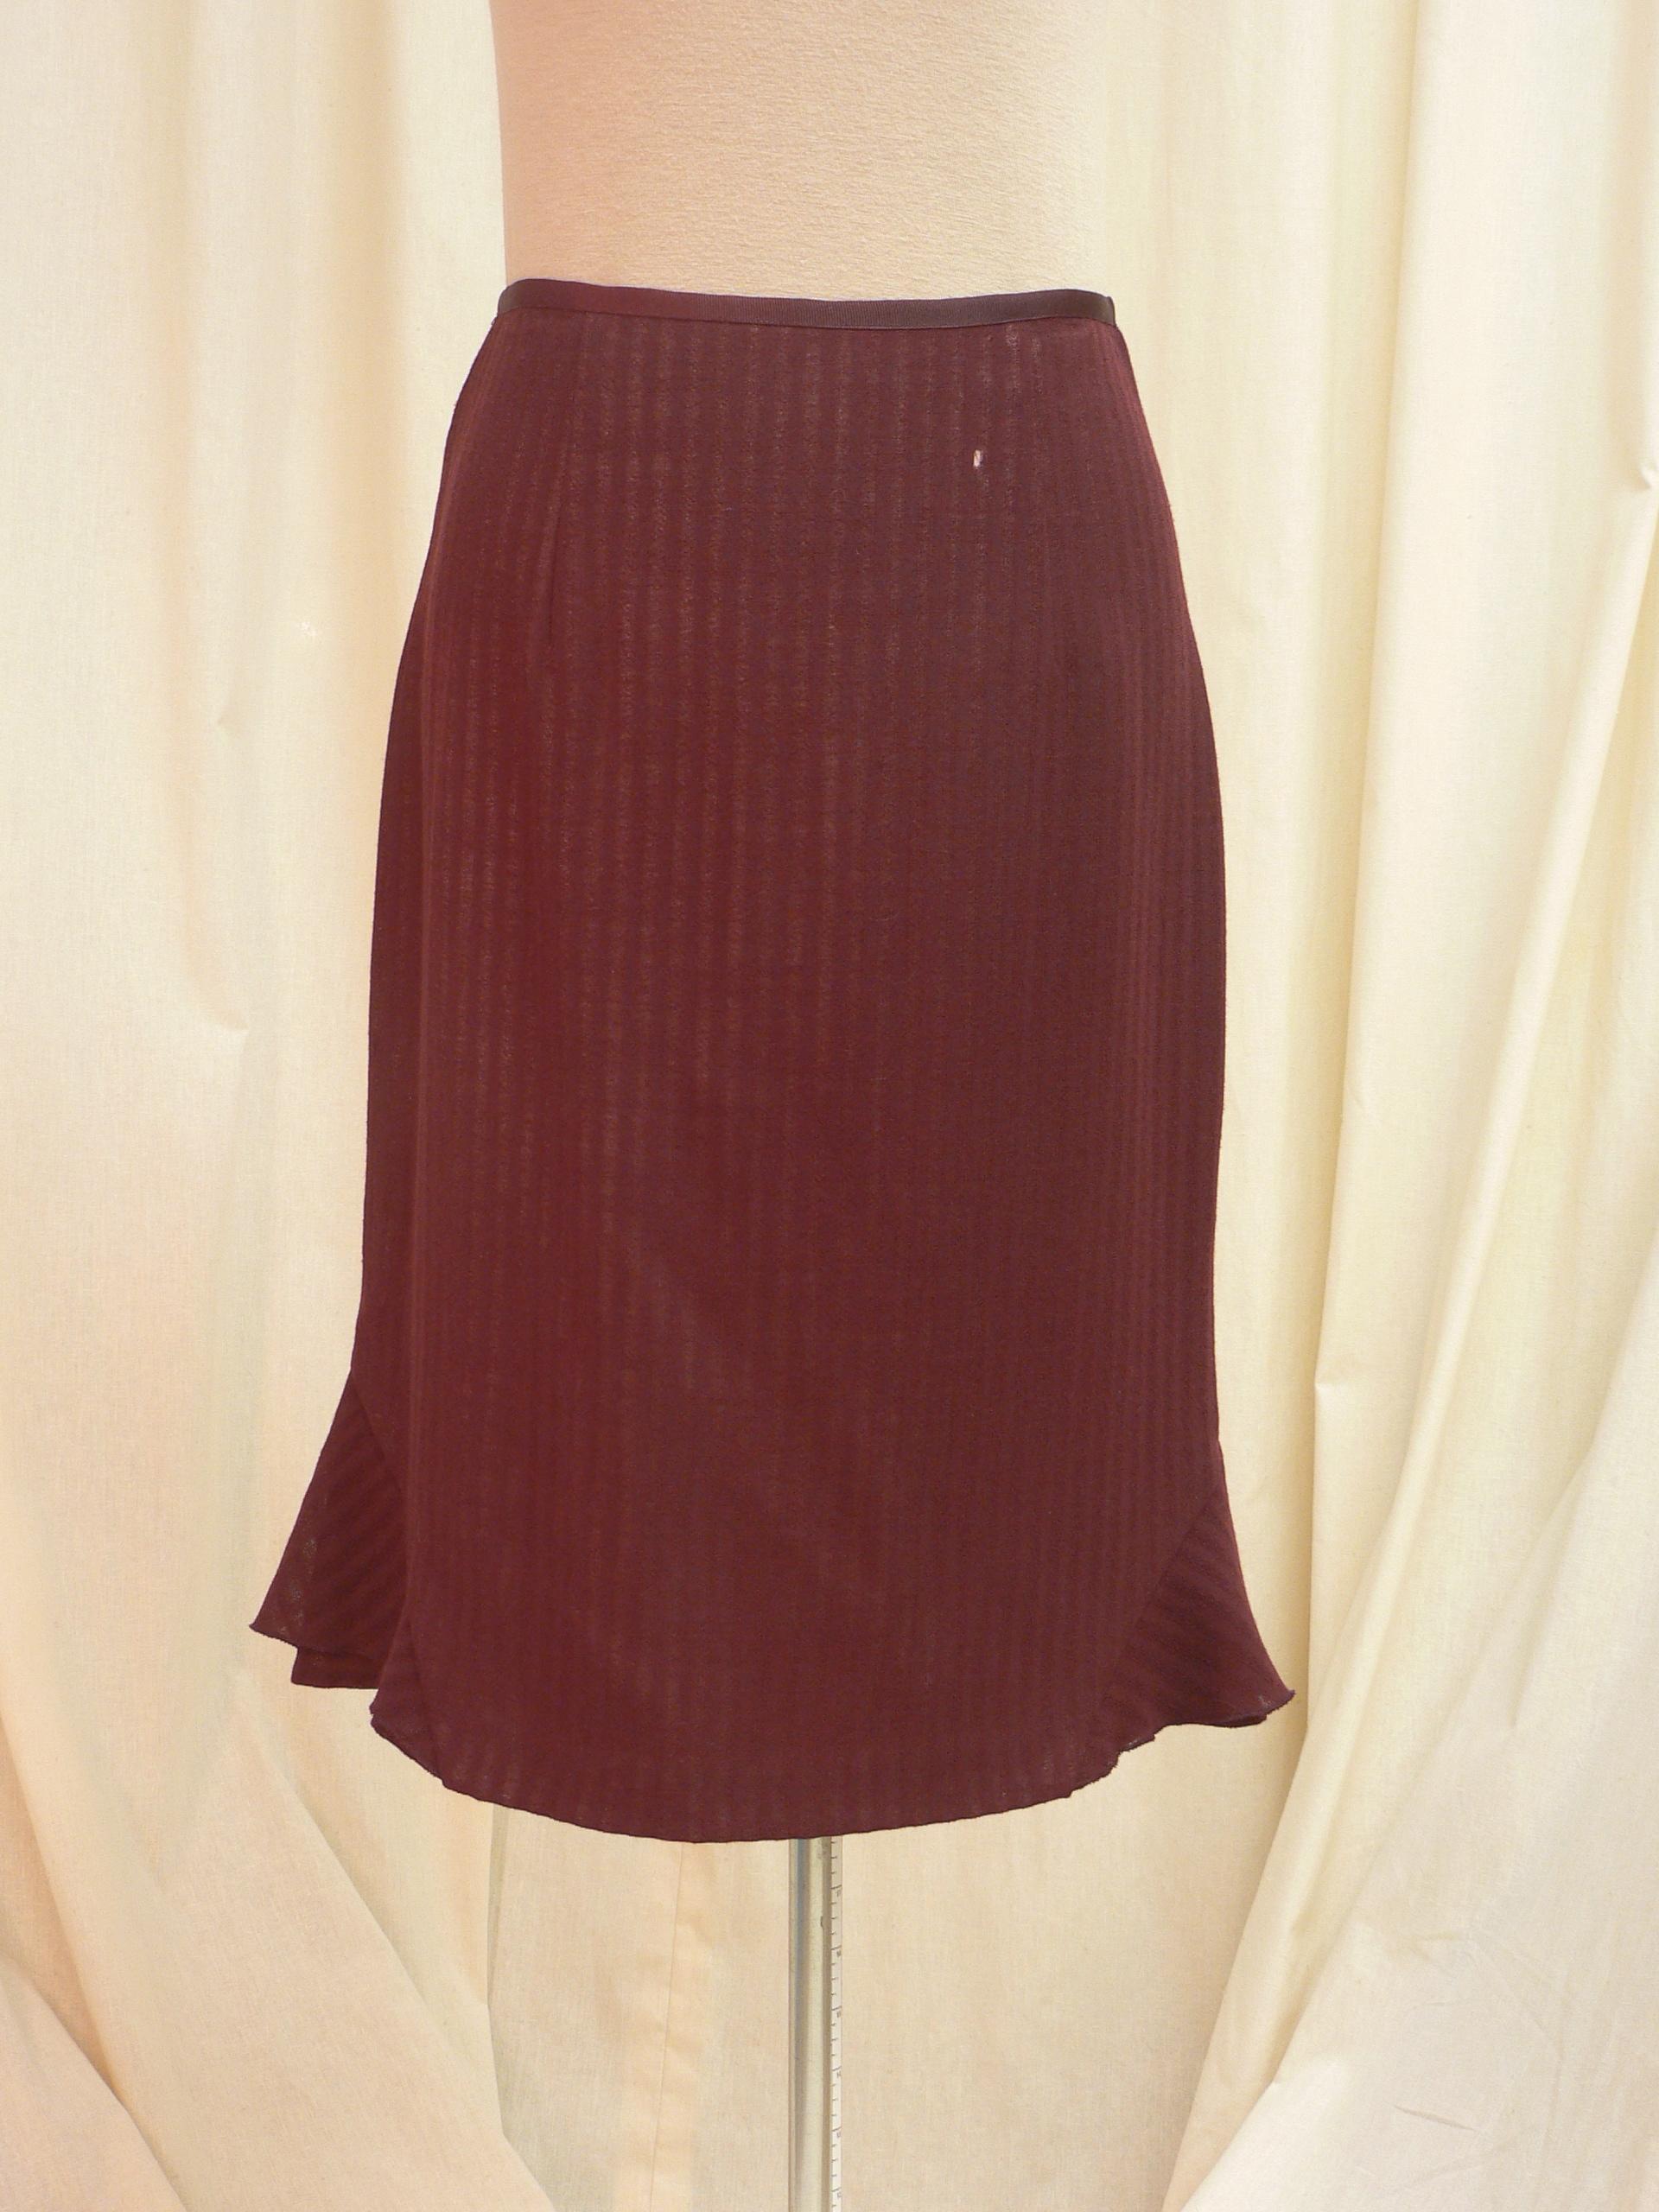 skirt05_front.JPG